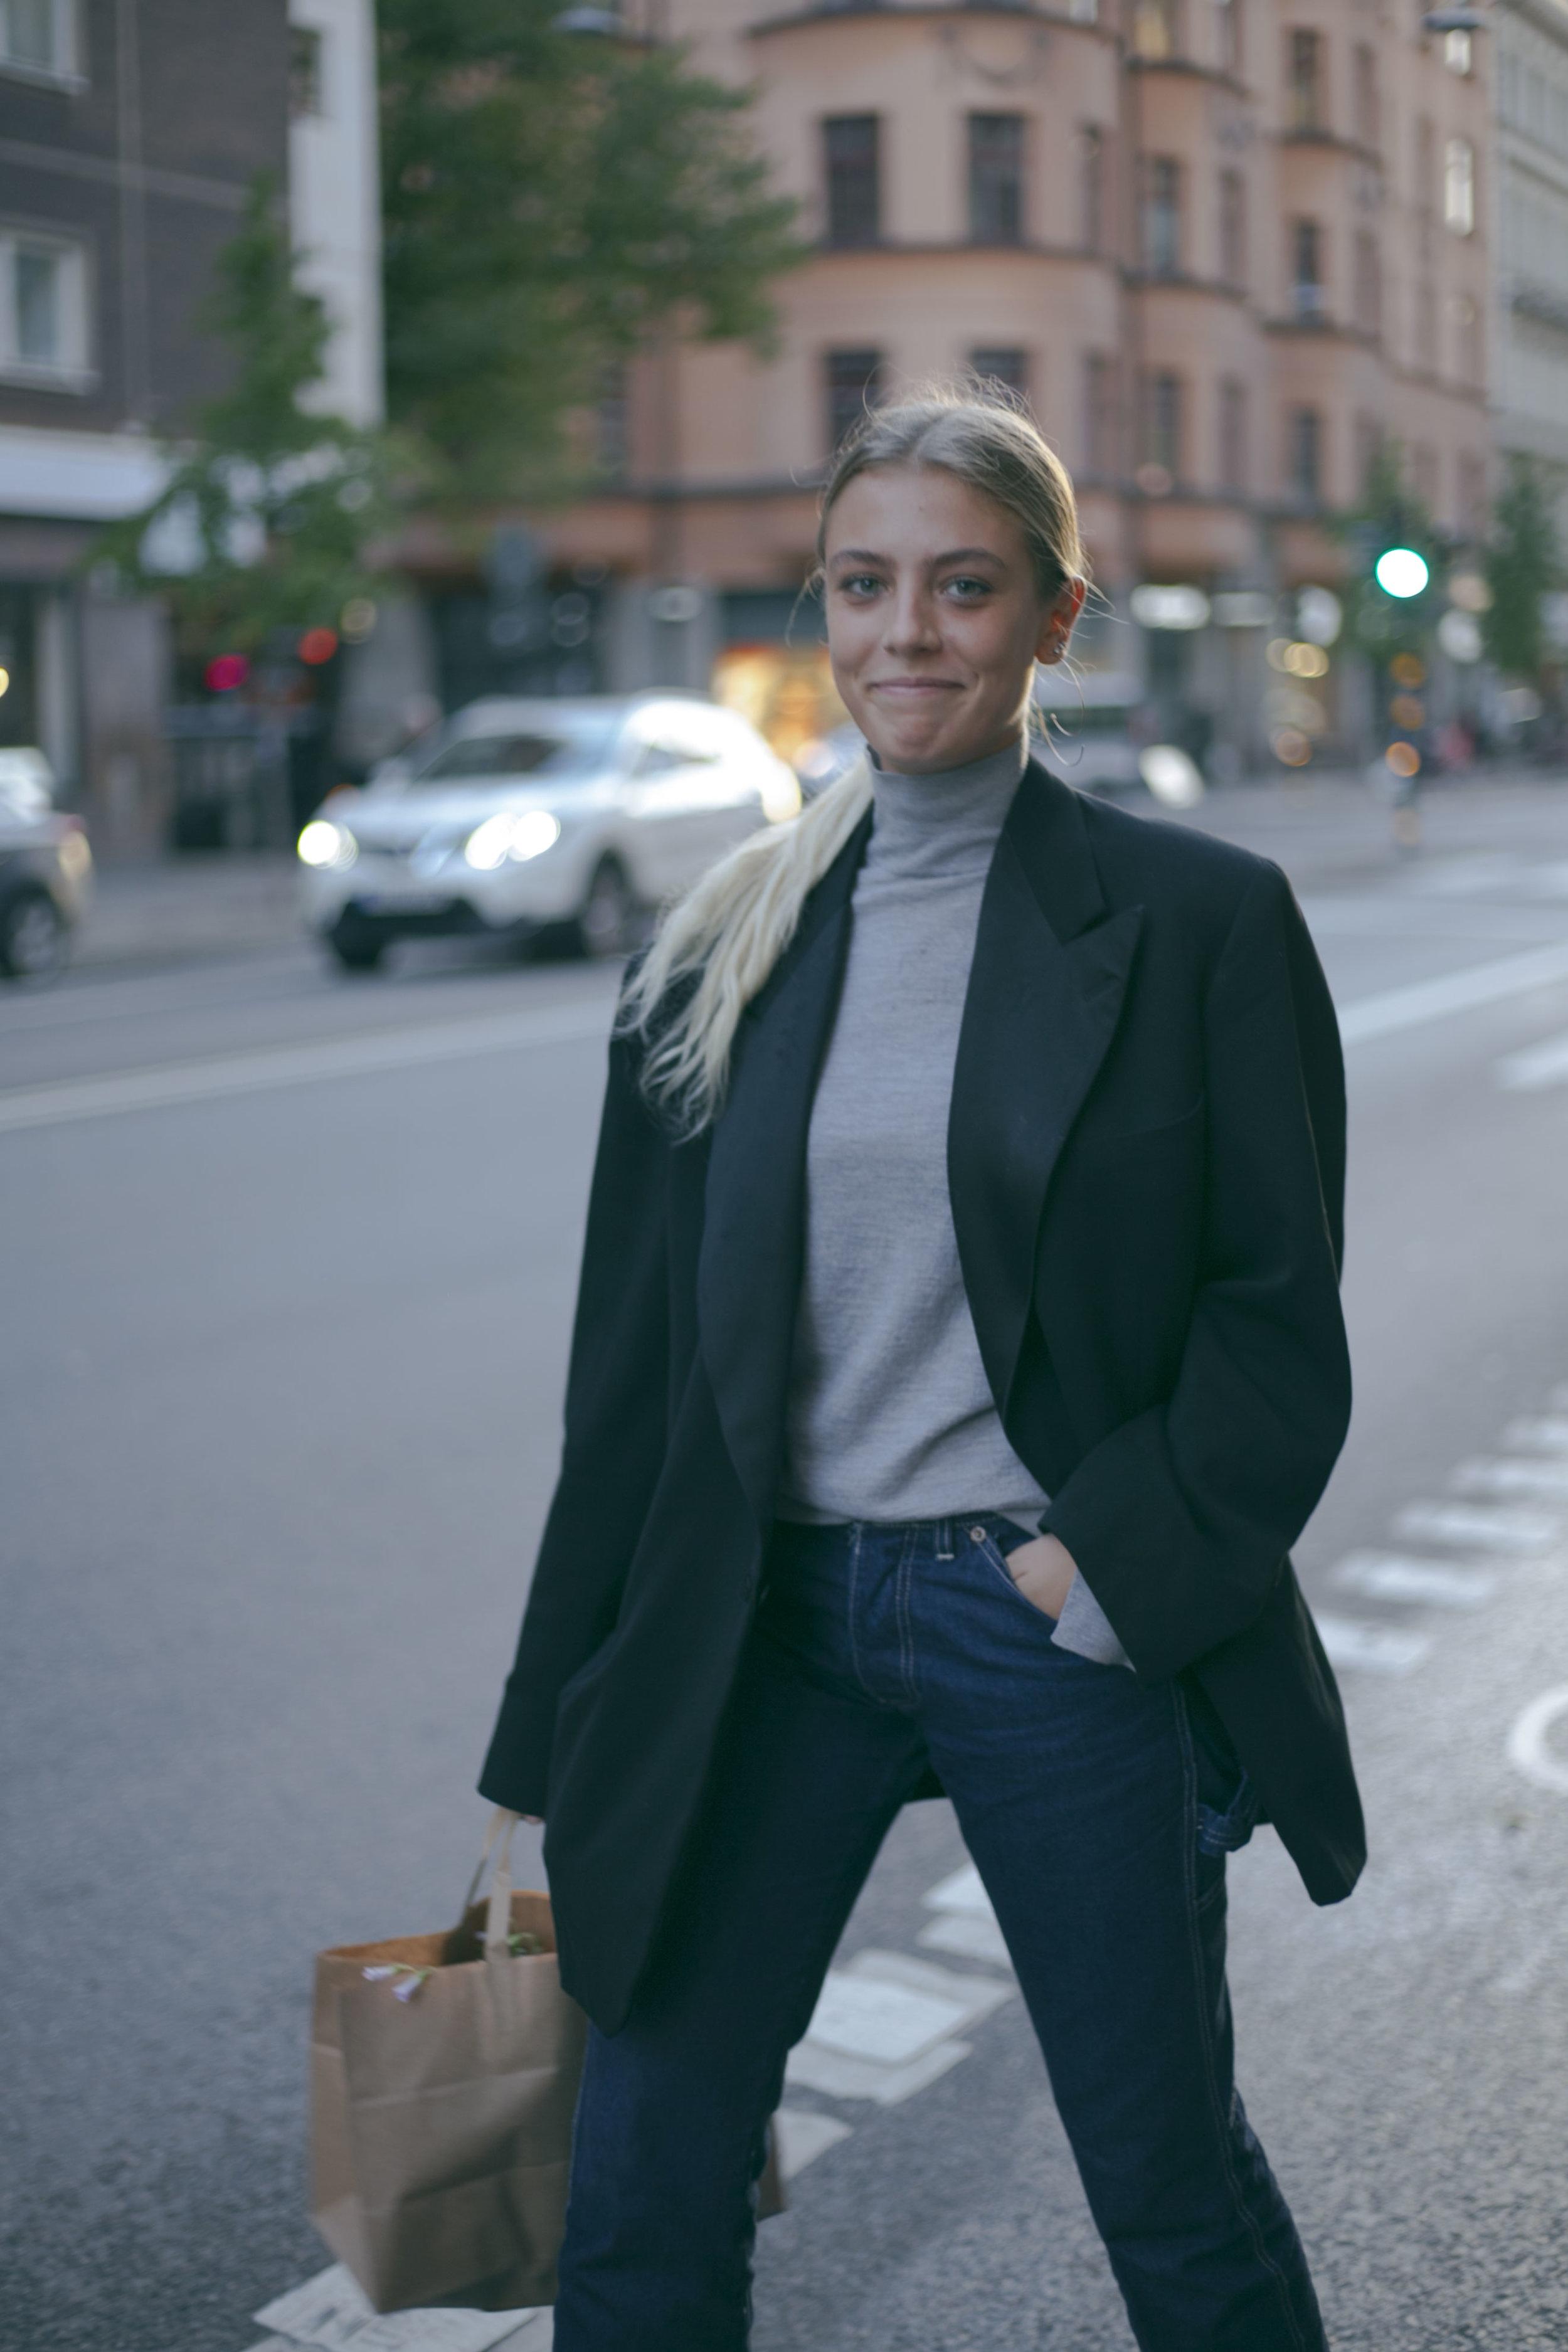 stockholm_streetstyle_thestreetland_streetland_bryndis_thorsteinsdottir_fashion_nordic_citystyle_mode